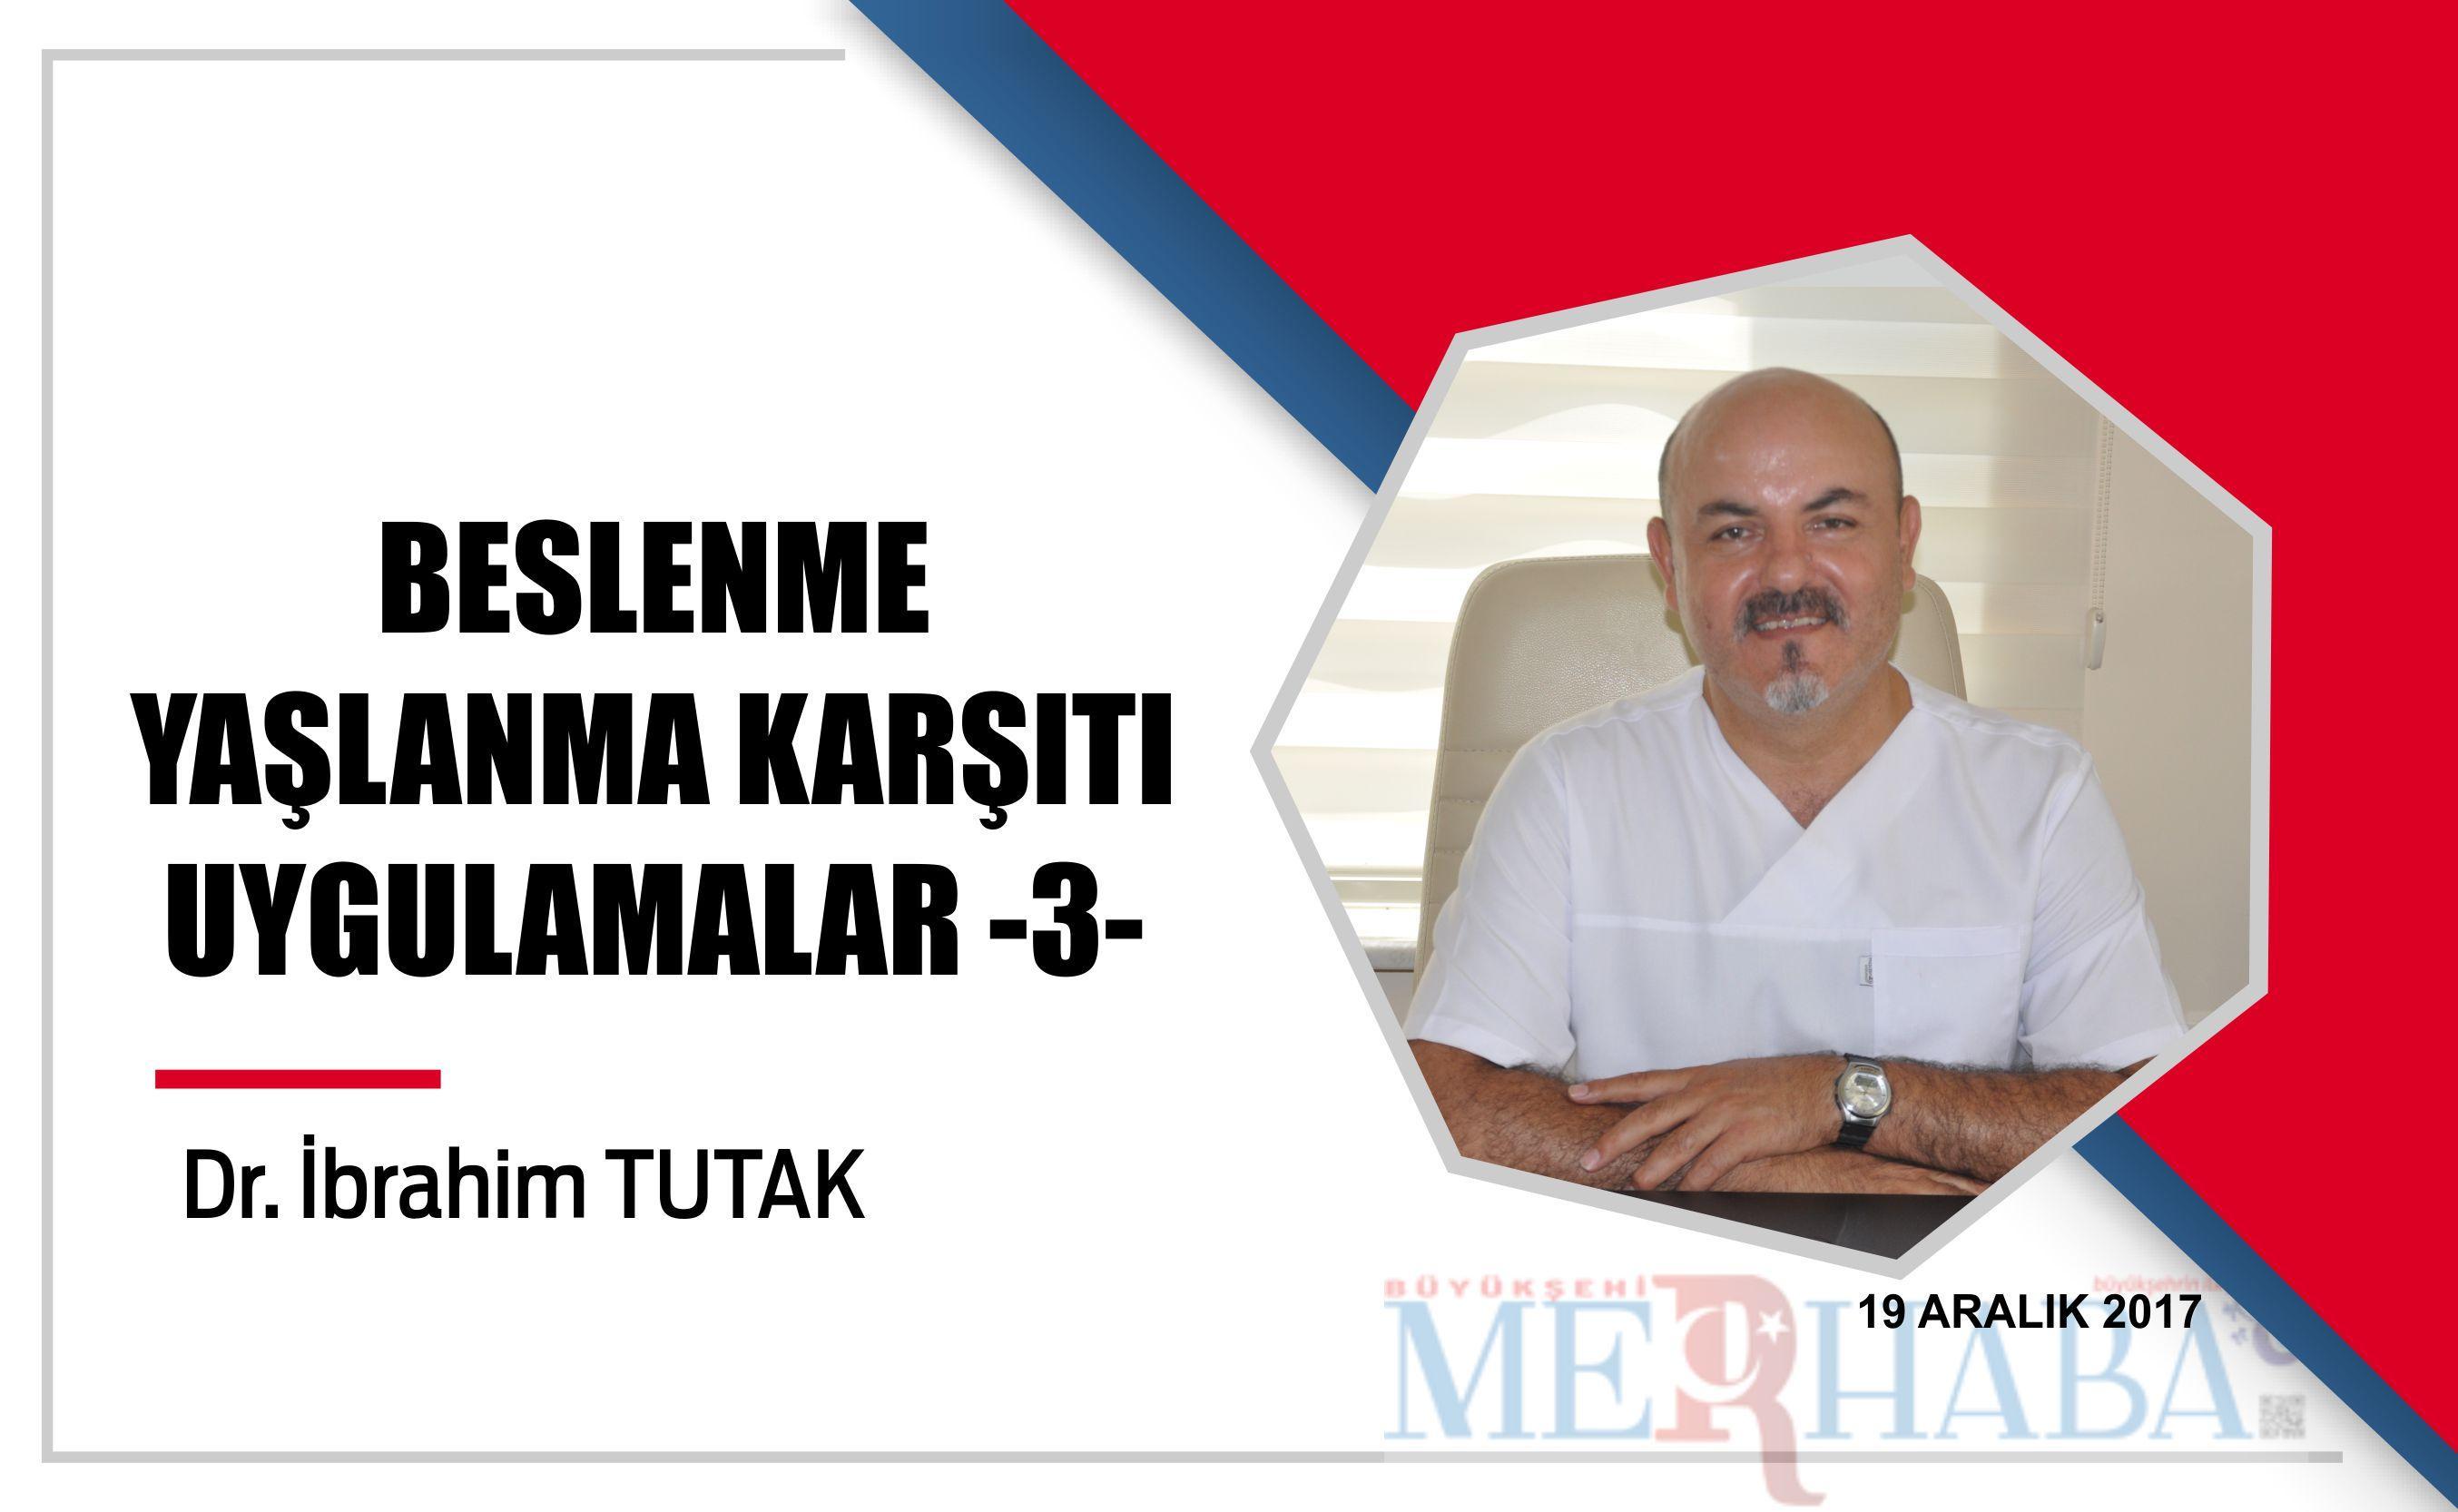 BESLENME YAŞLANMA KARŞITI UYGULAMALAR-3